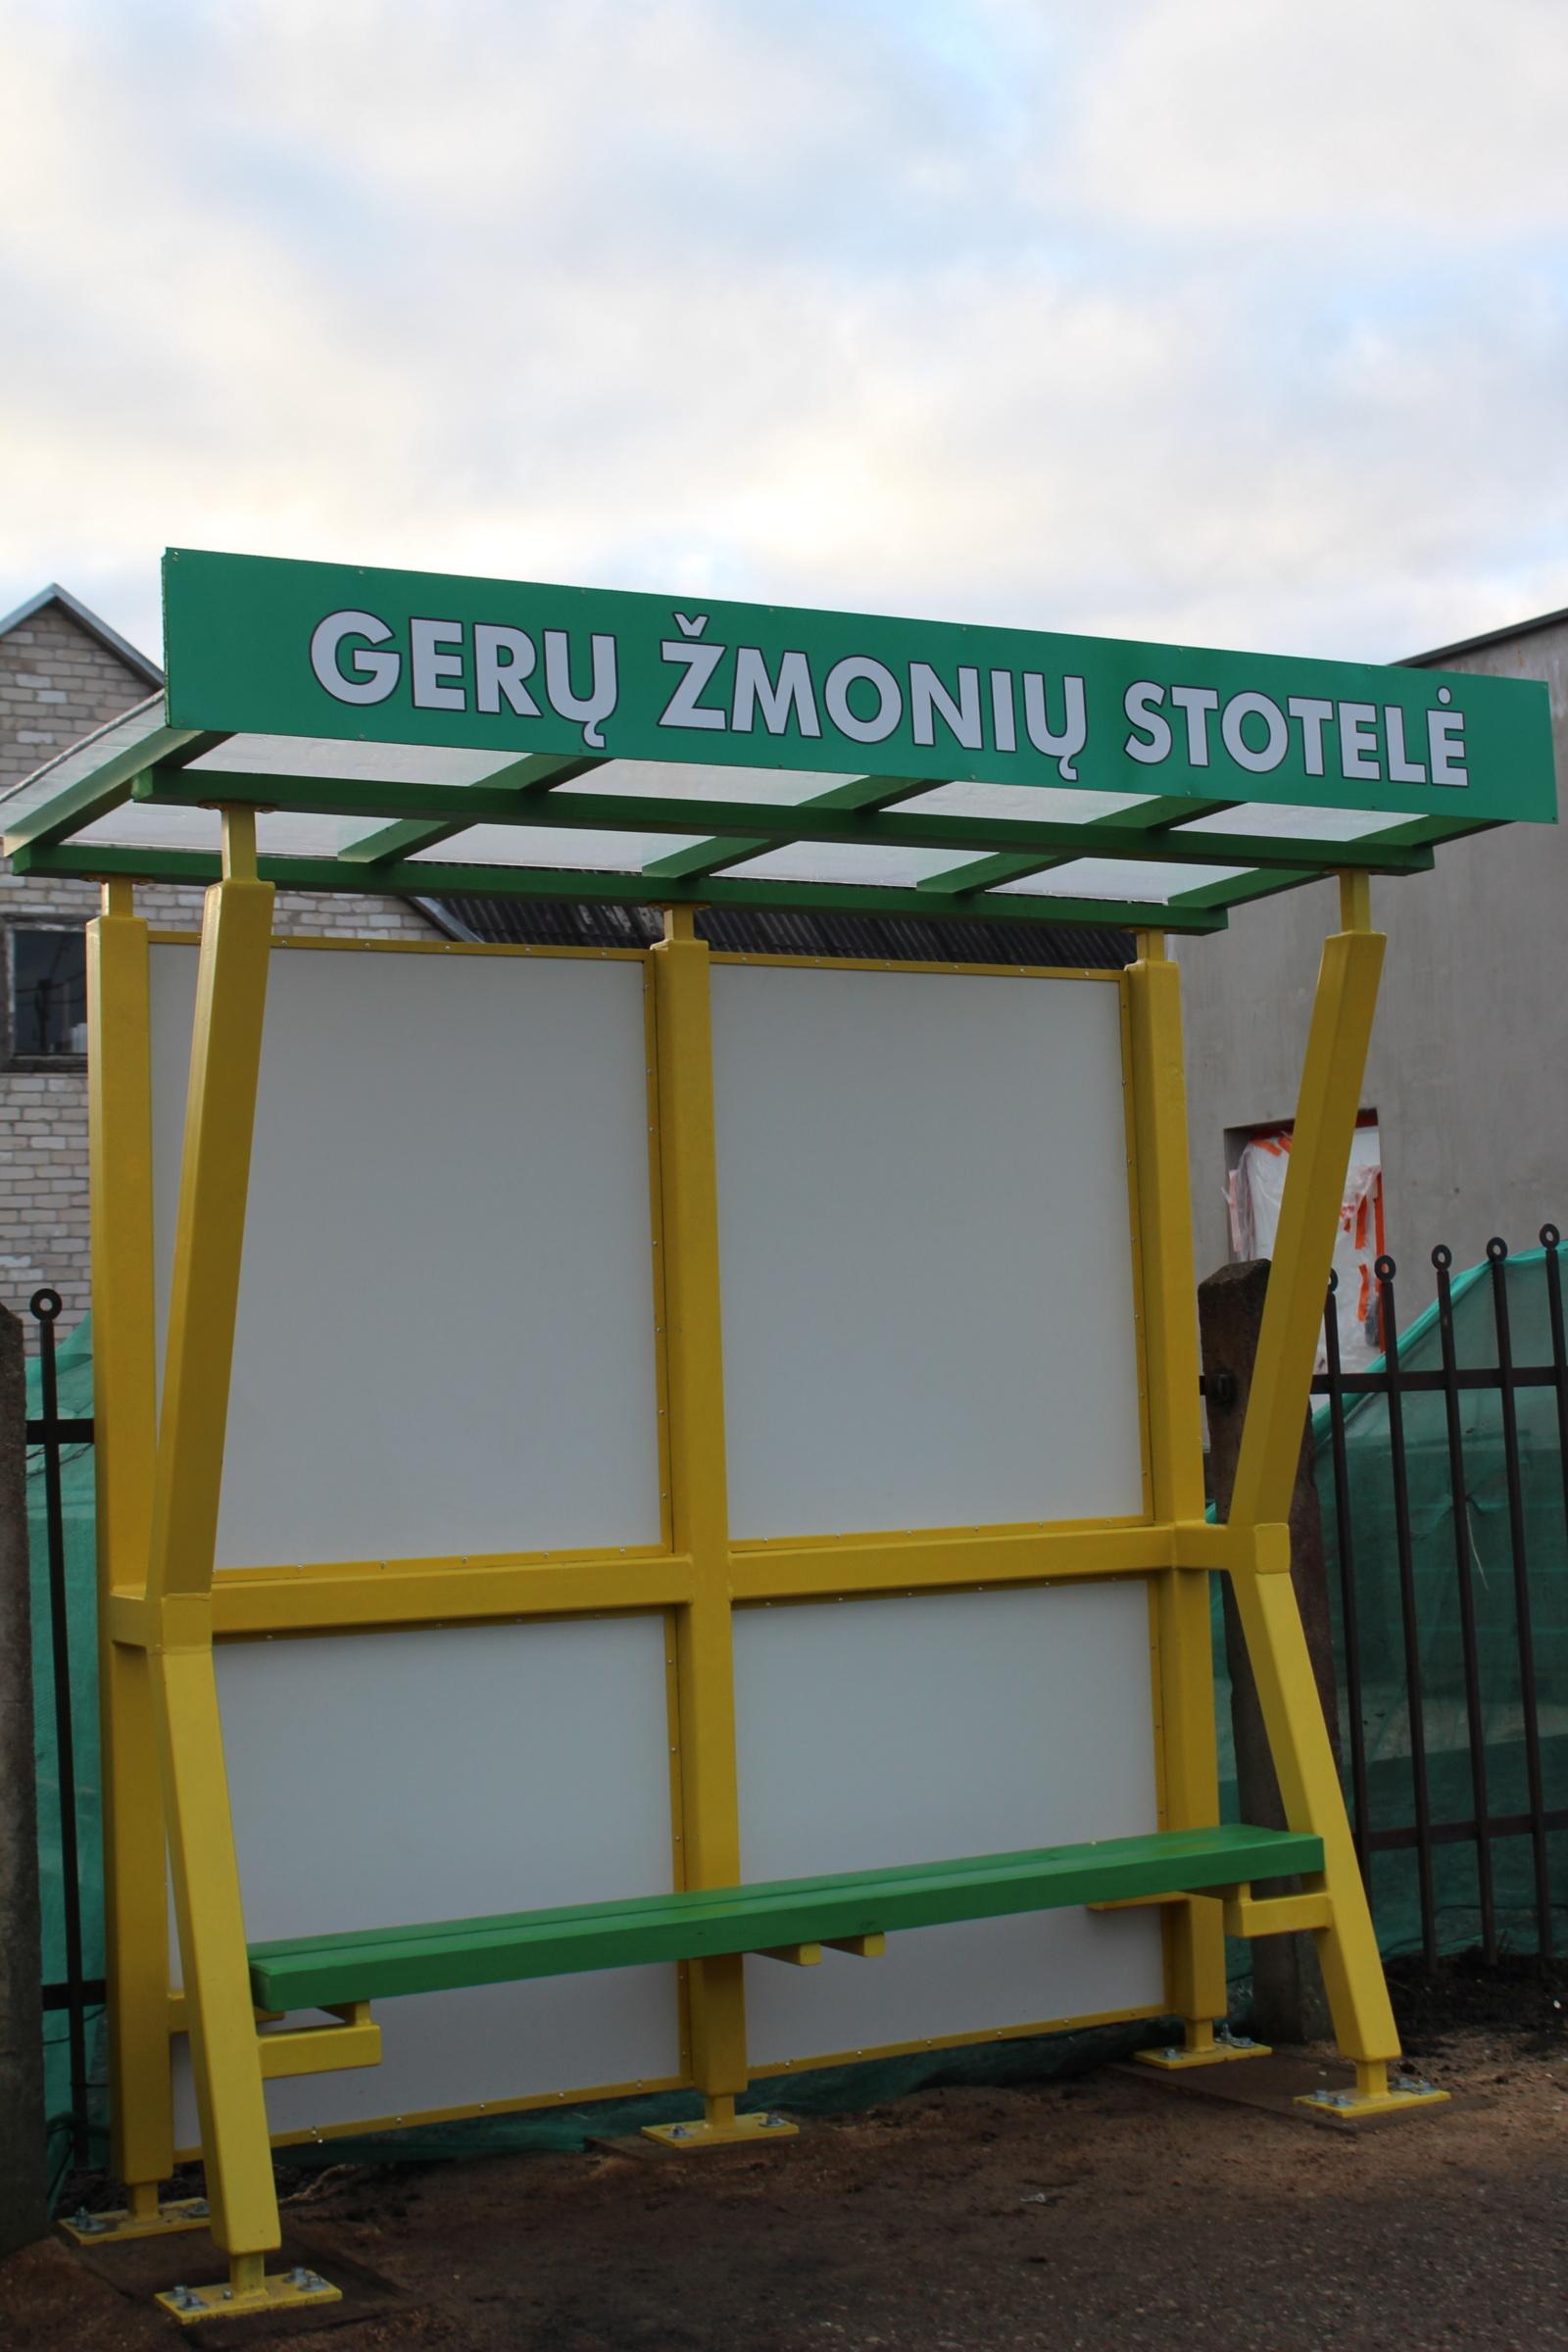 Kuršėnuose atsirado Gerų žmonių stotelė: tik ar ilgam?